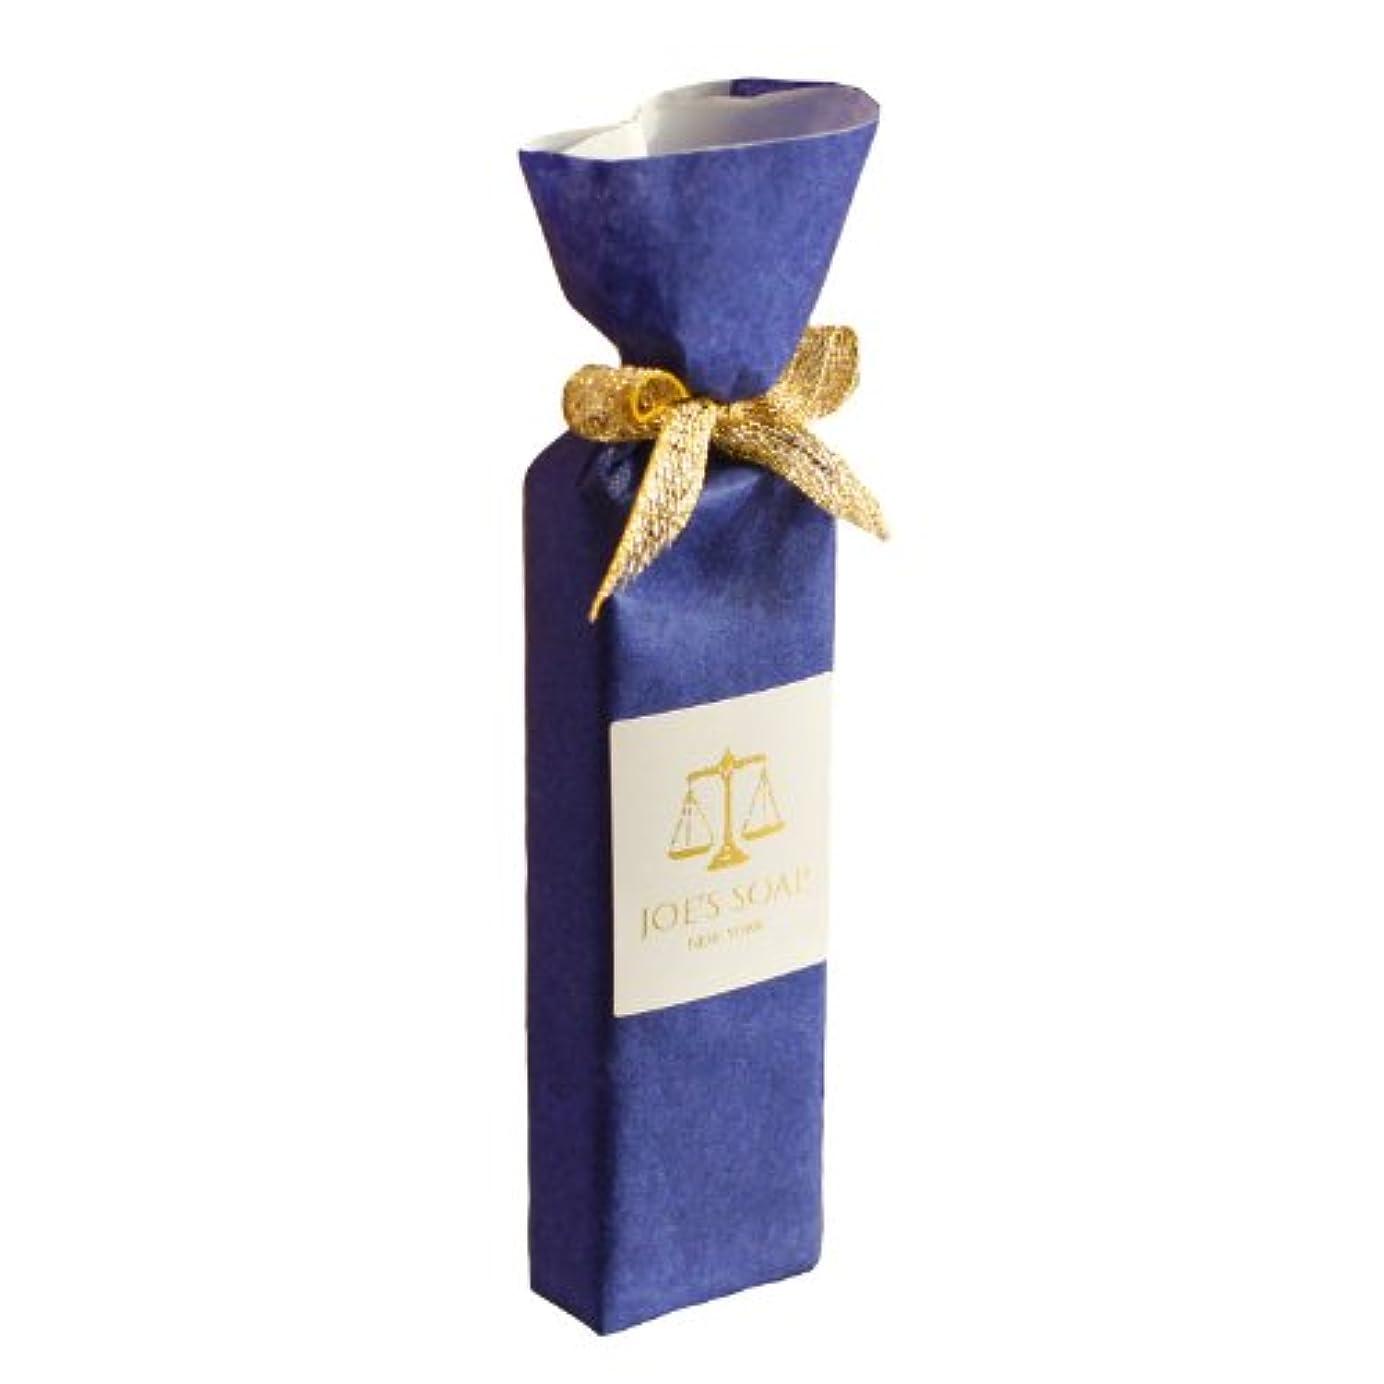 欺く執着平和JOE'S SOAP ジョーズソープ オリーブソープ NO.5 LAVENDER ラベンダー20g お試し トライアル 無添加  石鹸 オーガニック 保湿 洗顔 乾燥肌 敏感肌